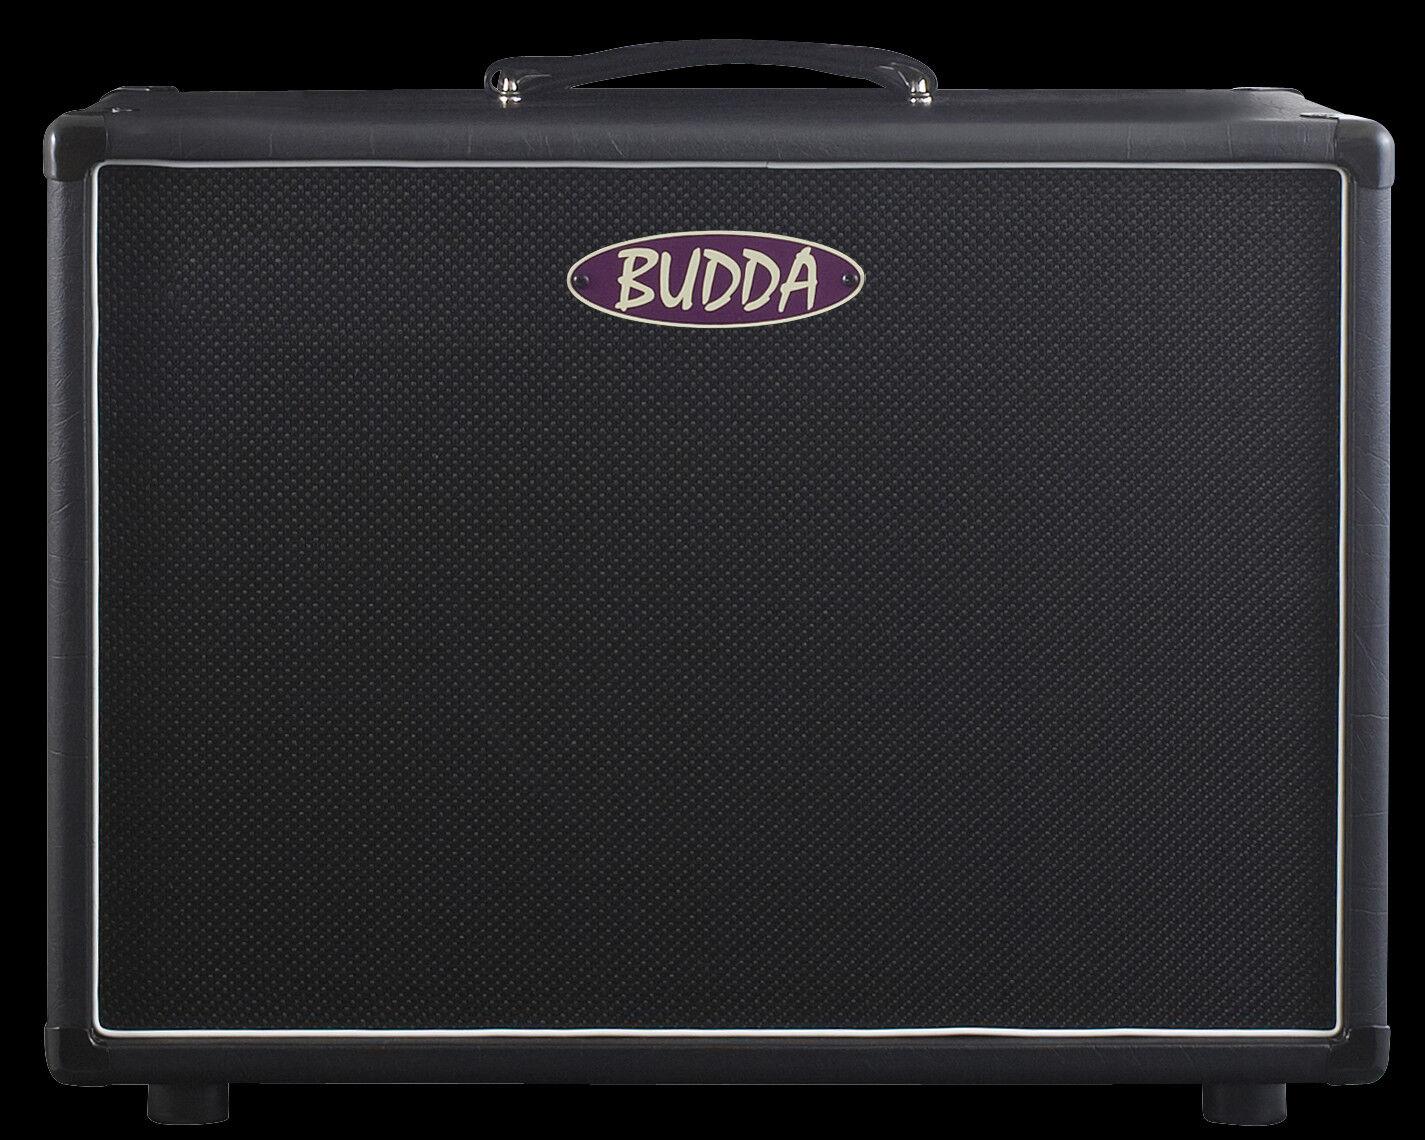 Budda 1X12  de 75 75 75 vatios cerrado atrás Gabinete De Altavoz de Guitarra de extensión BRS-08100 Nuevo  Mercancía de alta calidad y servicio conveniente y honesto.